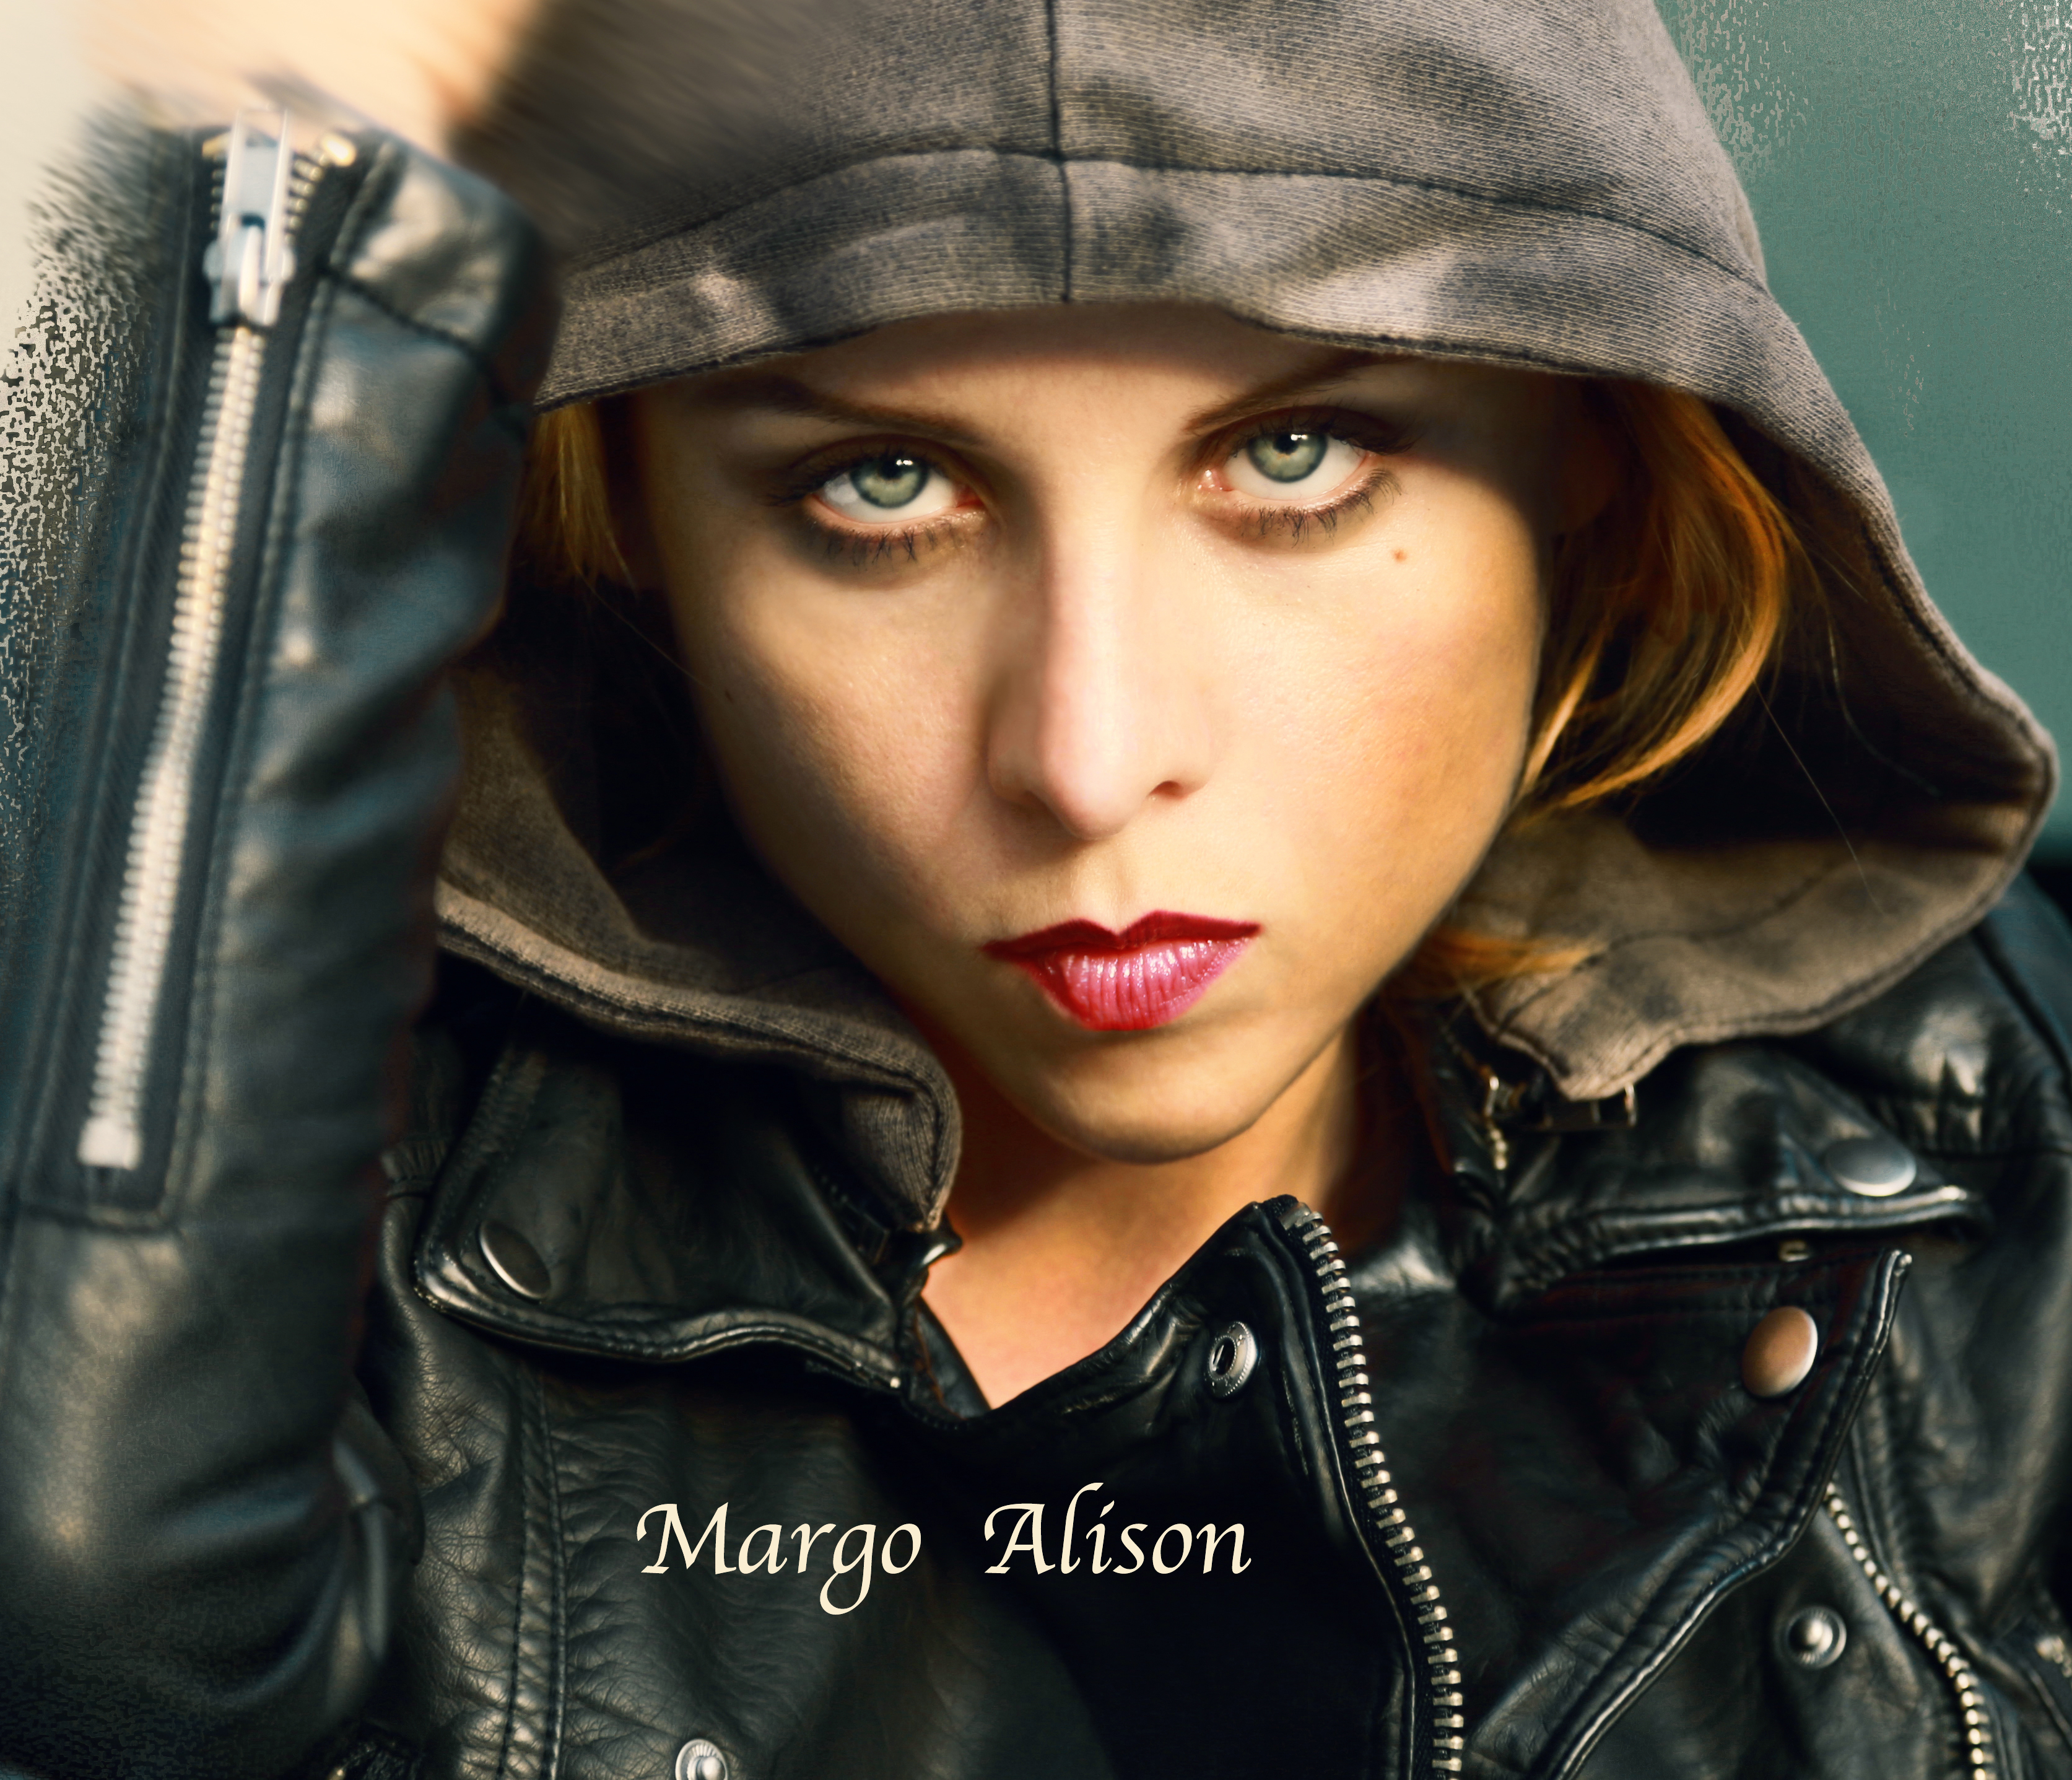 Margo ALison wolf